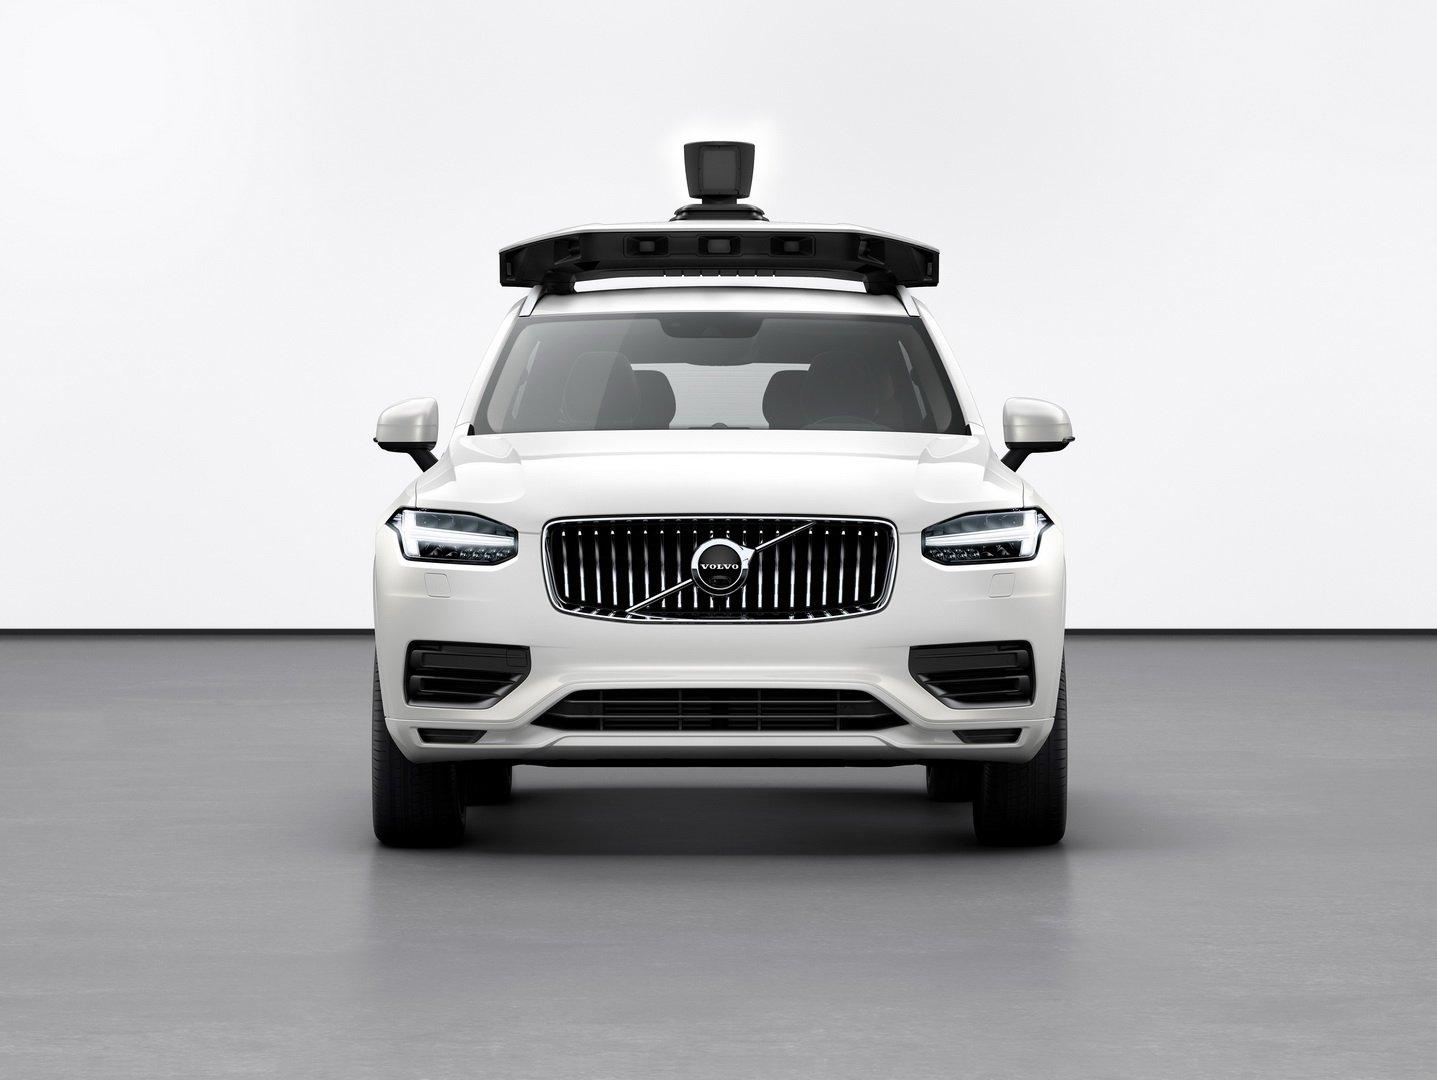 Volvo-XC90-autonomous-Uber-2